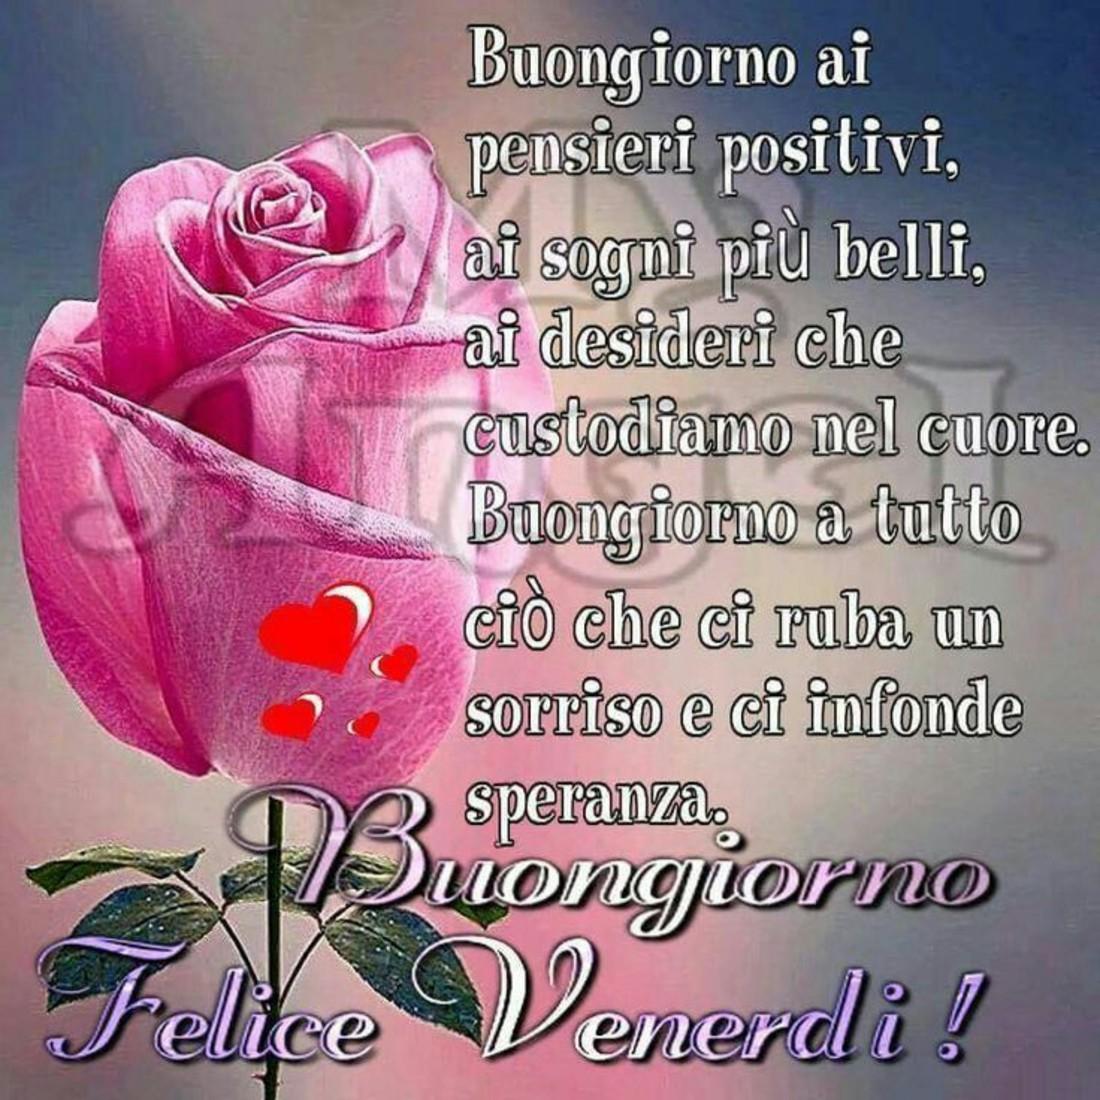 Buon venerd for Immagini divertenti buongiorno venerdi